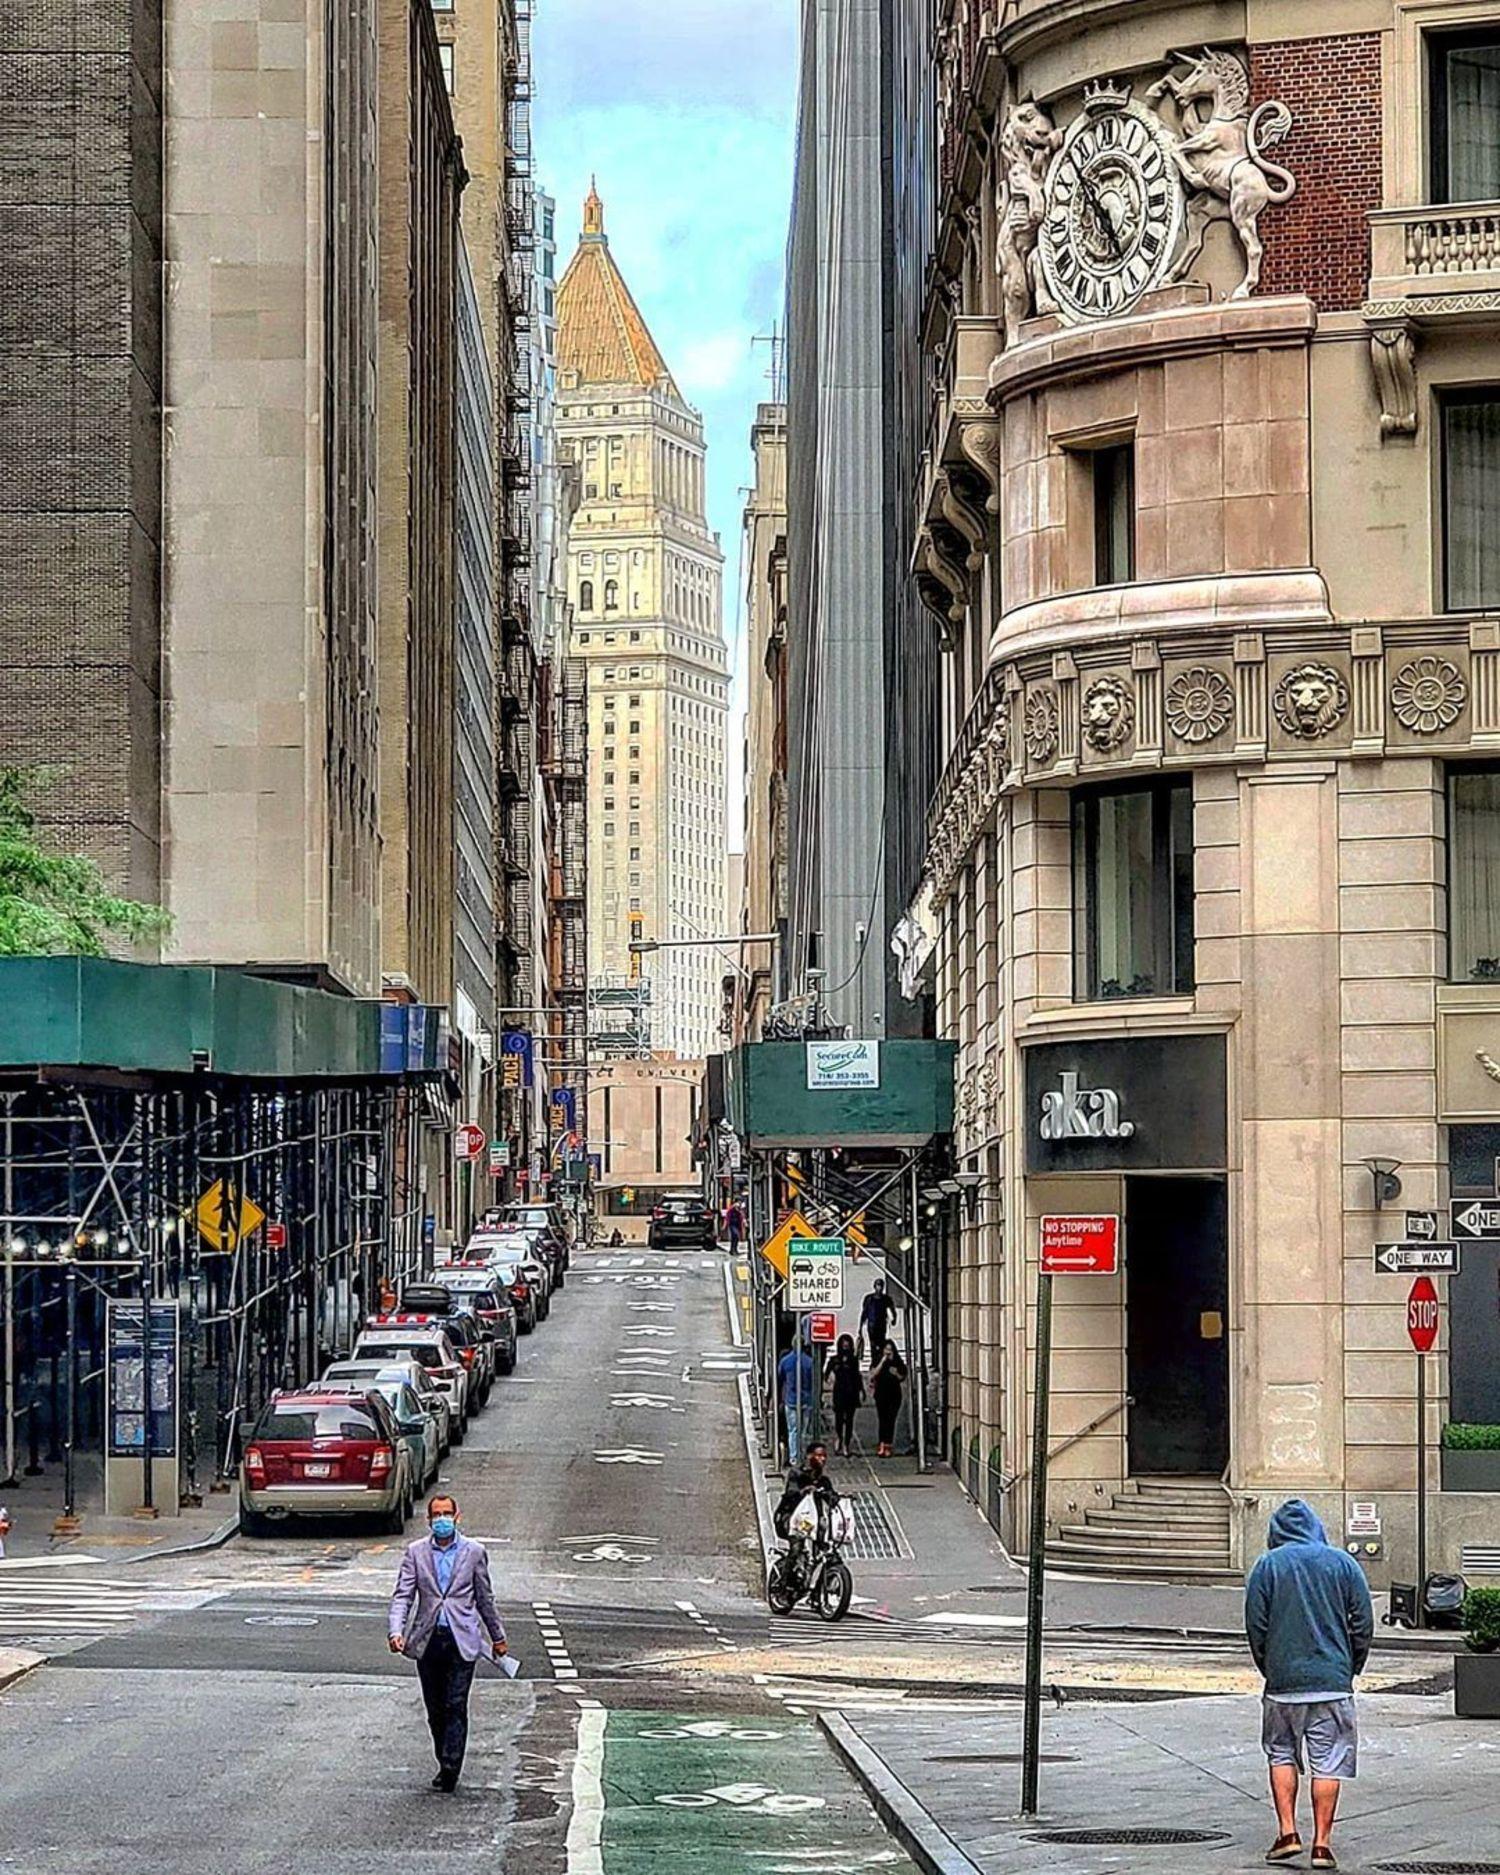 William Street, Financial District, Manhattan